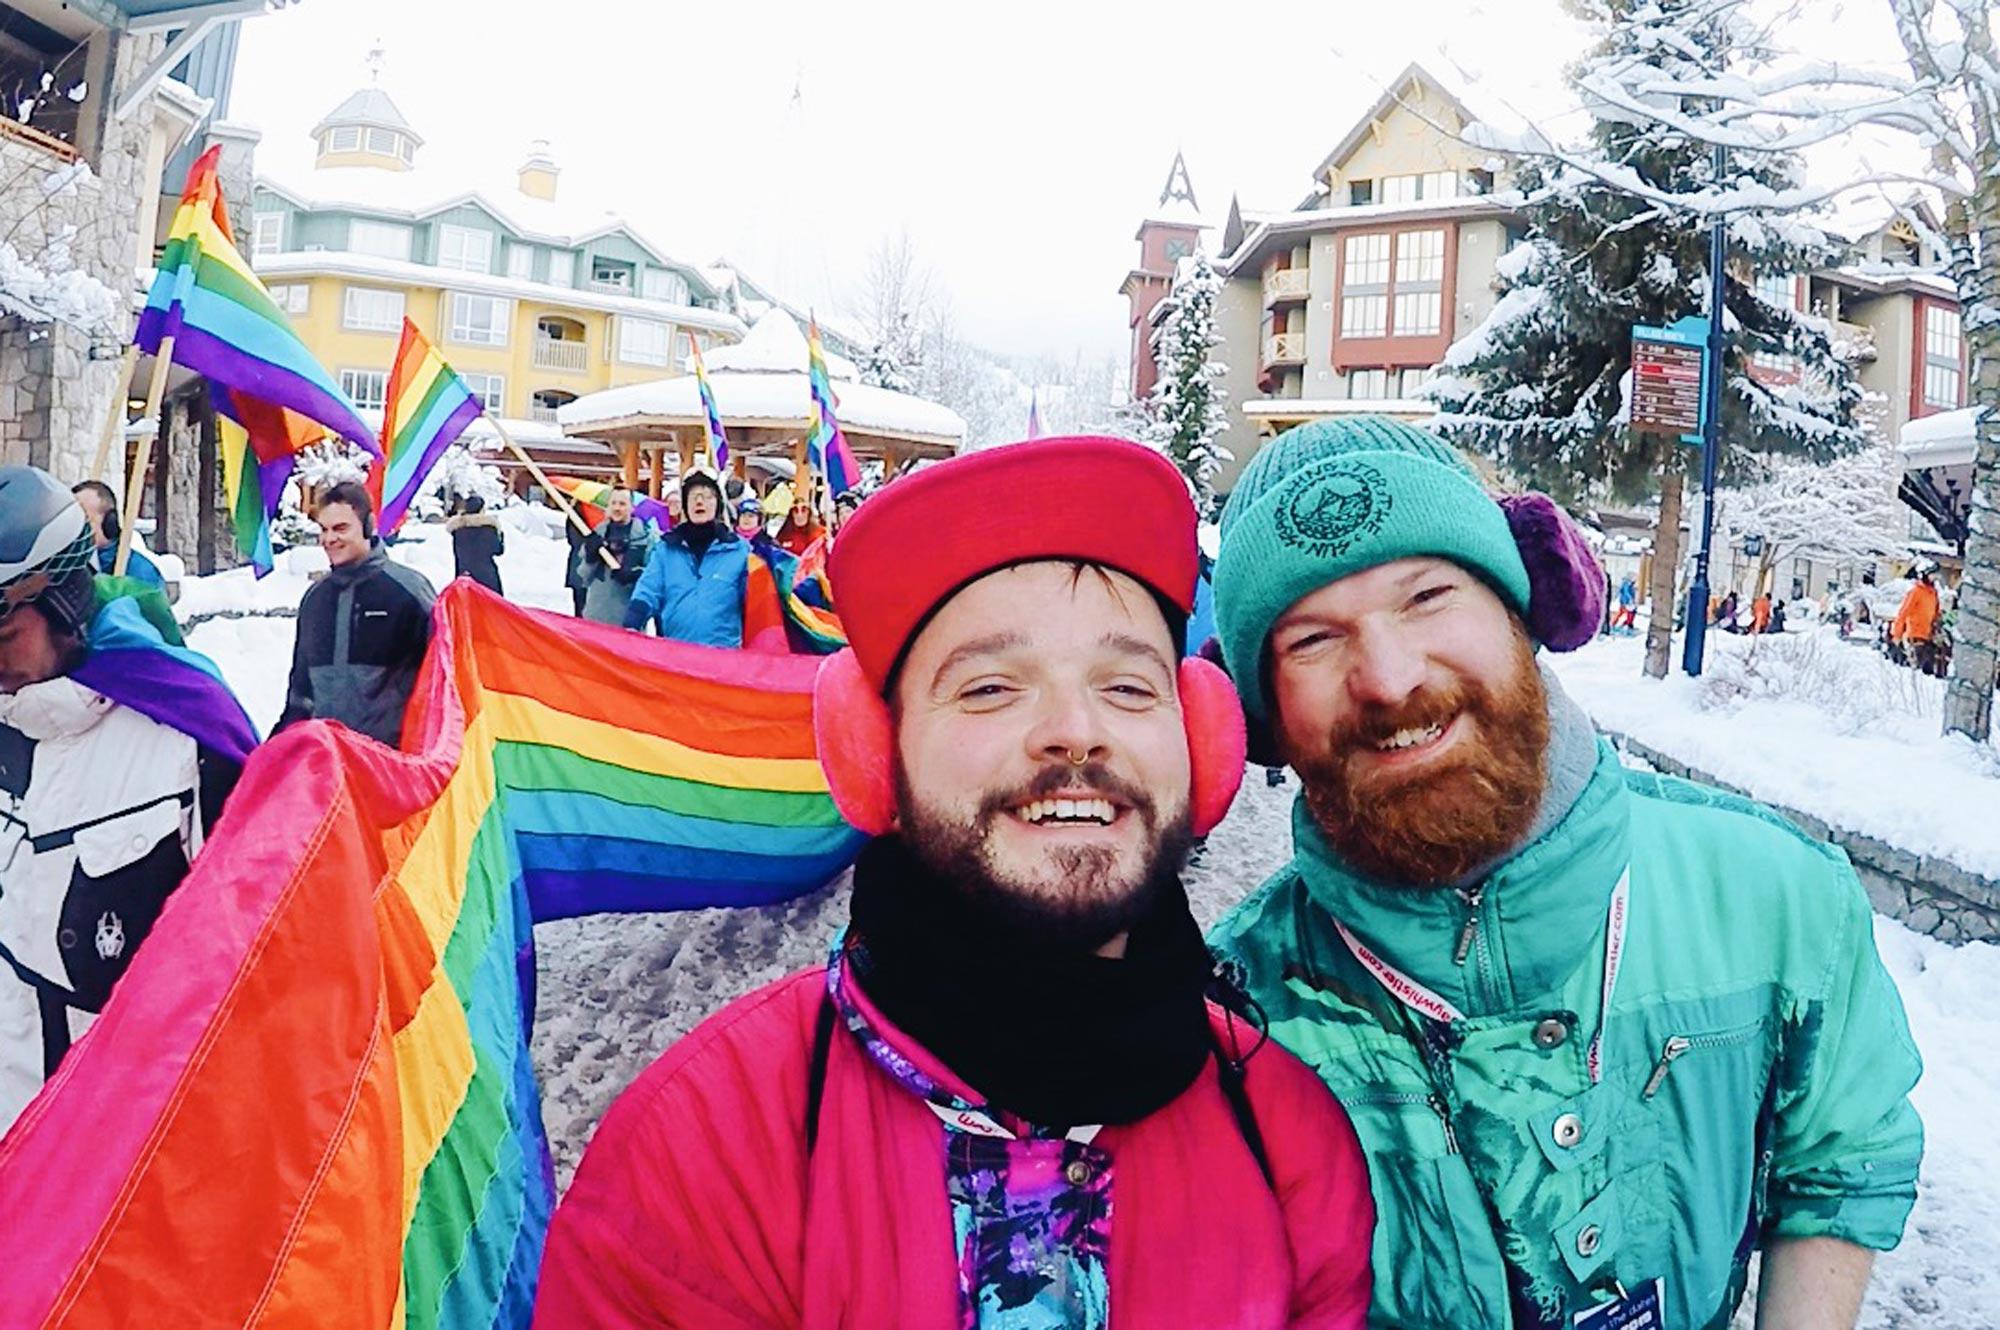 Trivoli IL Single Gay Men